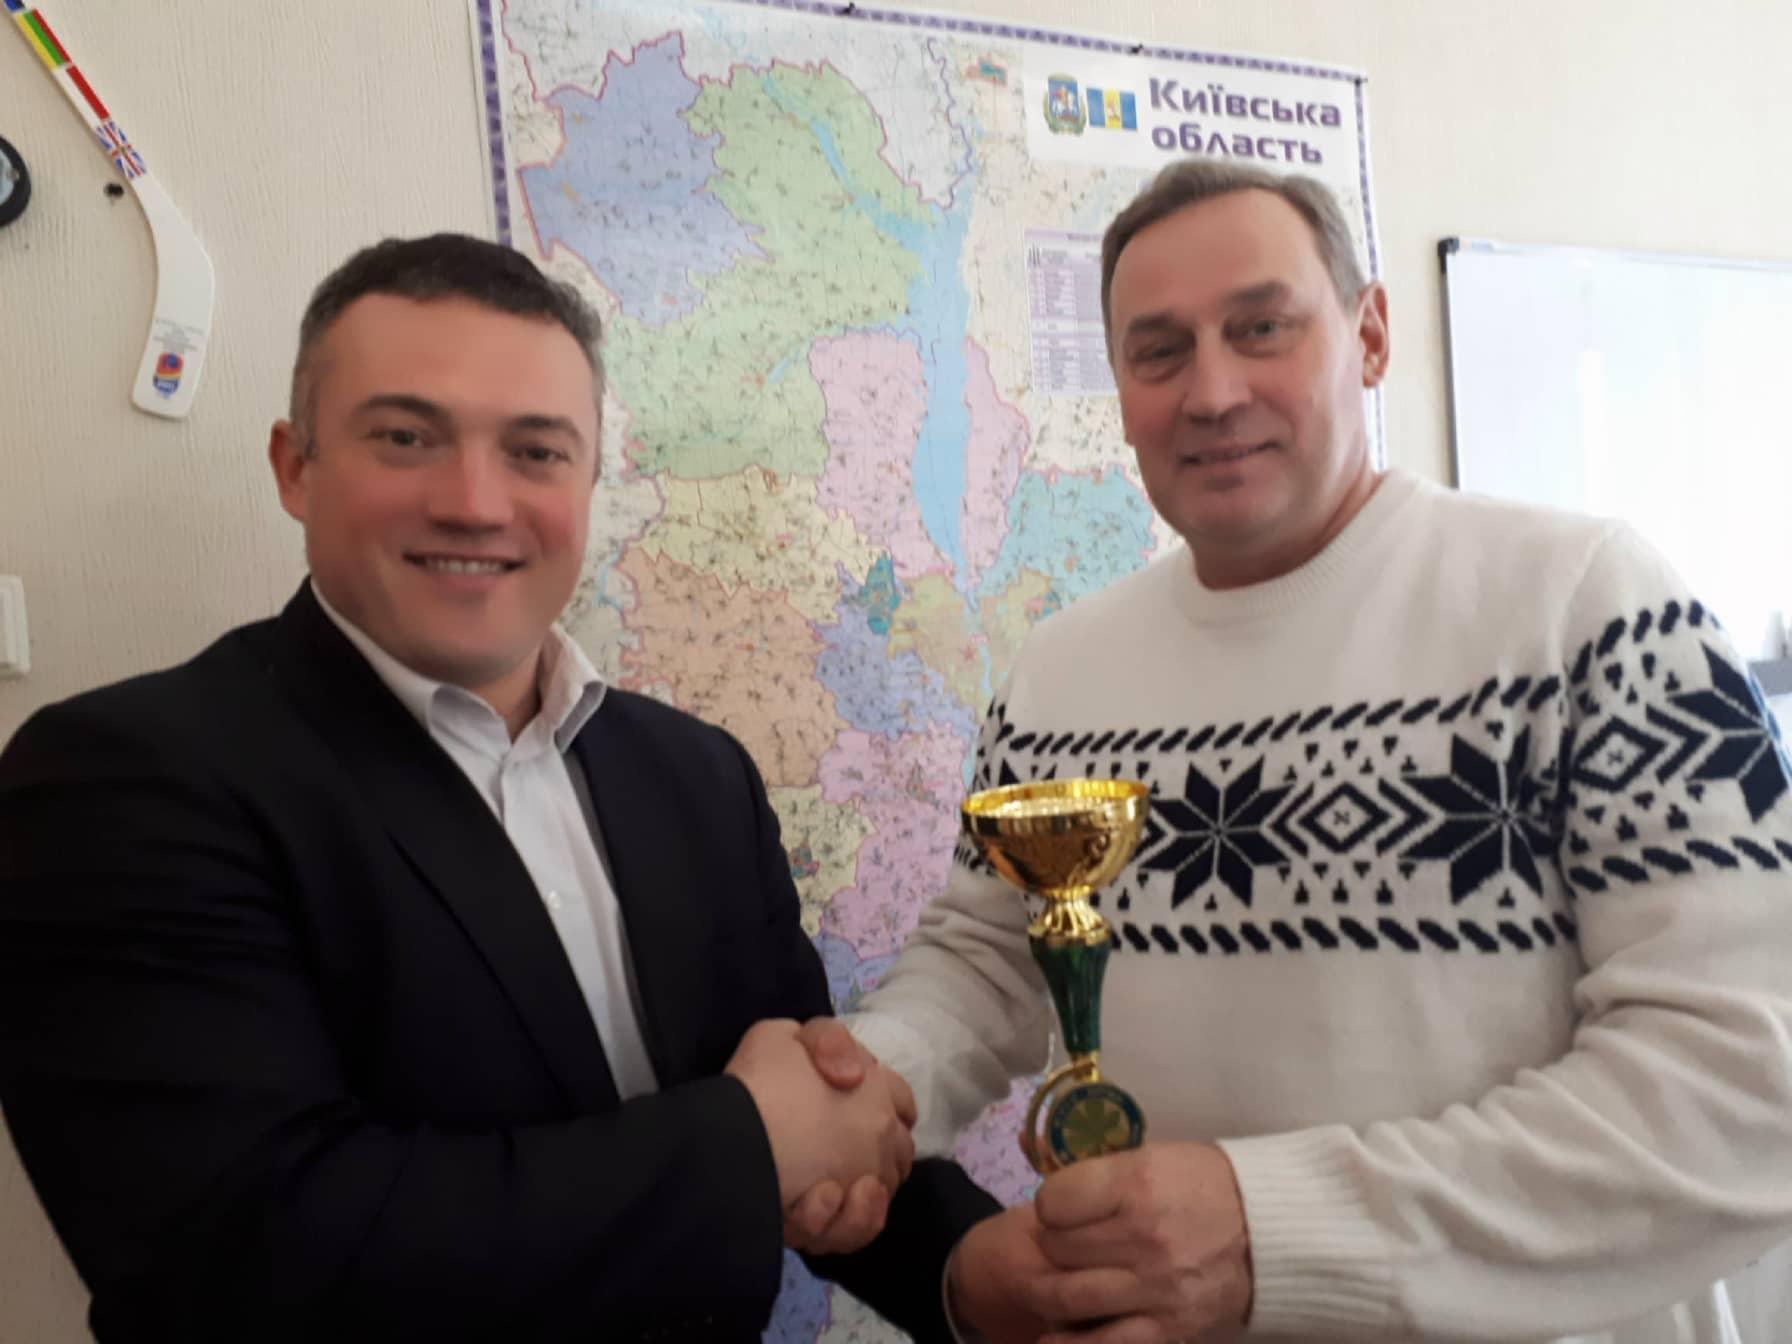 Сергій Тимофєєв вручив Кубок переможцям Gavrily4 Masters. Фото